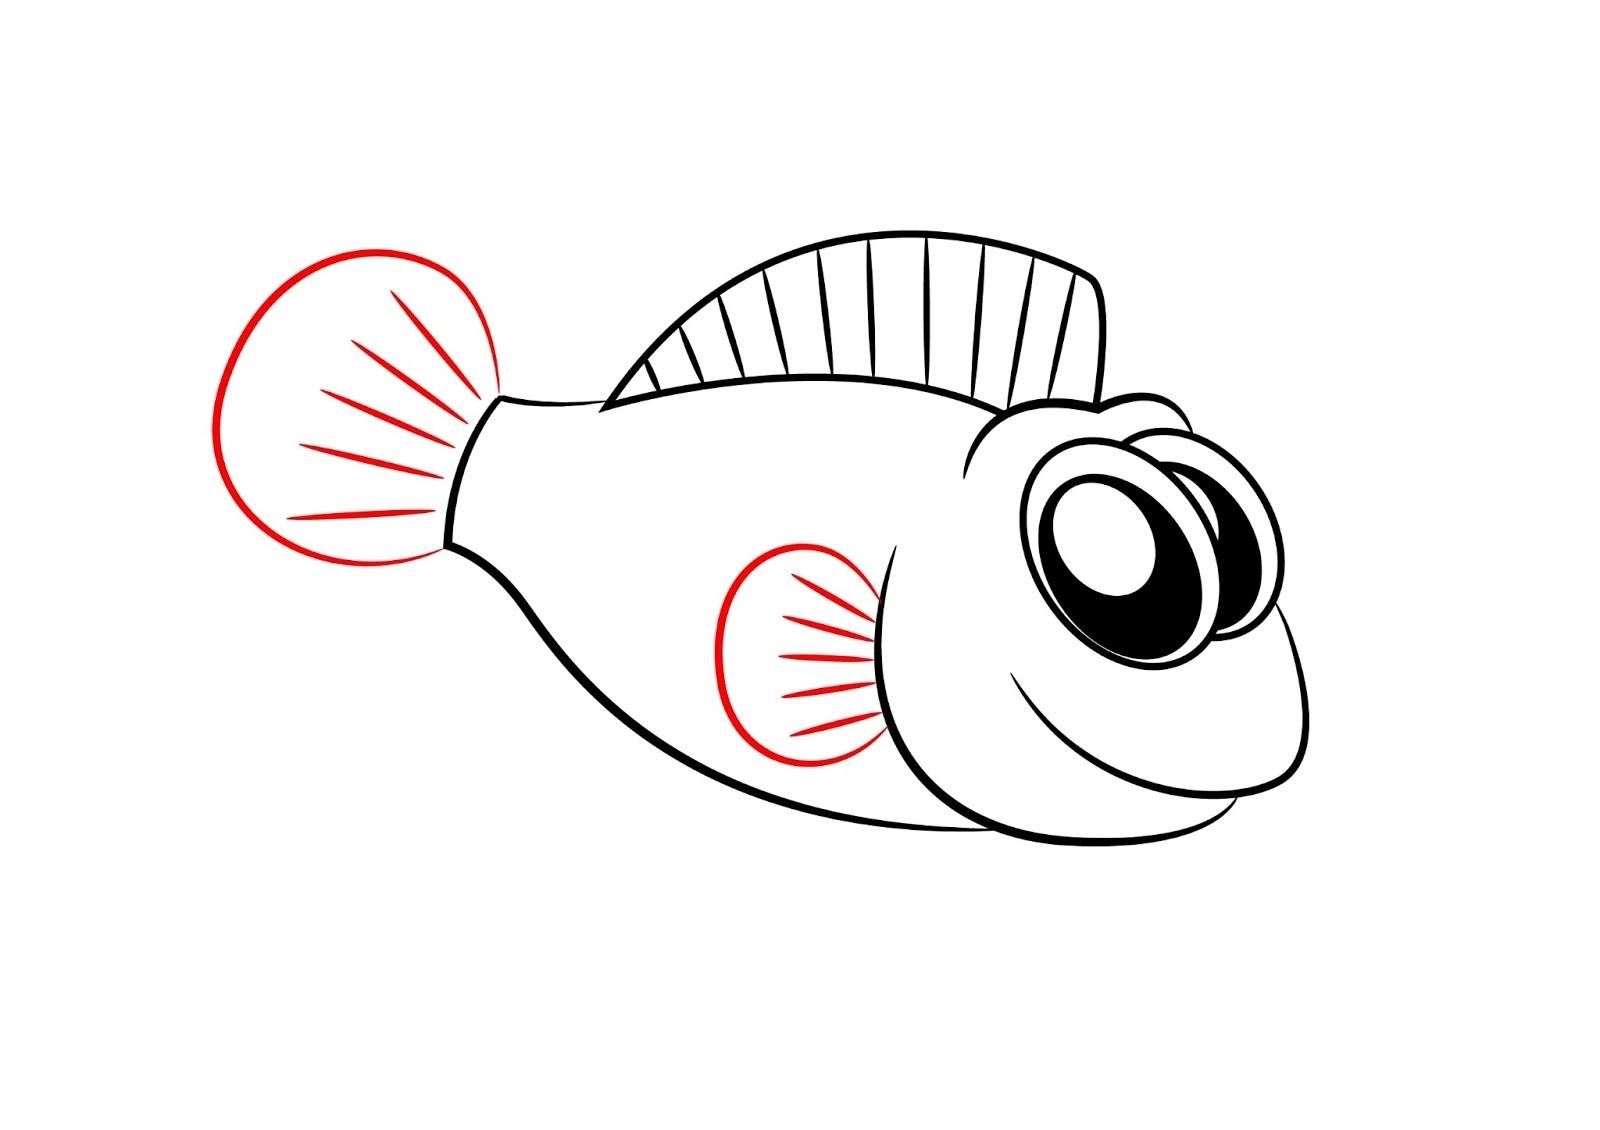 Cartoon fish drawings clipart best for Cartoon fish drawing